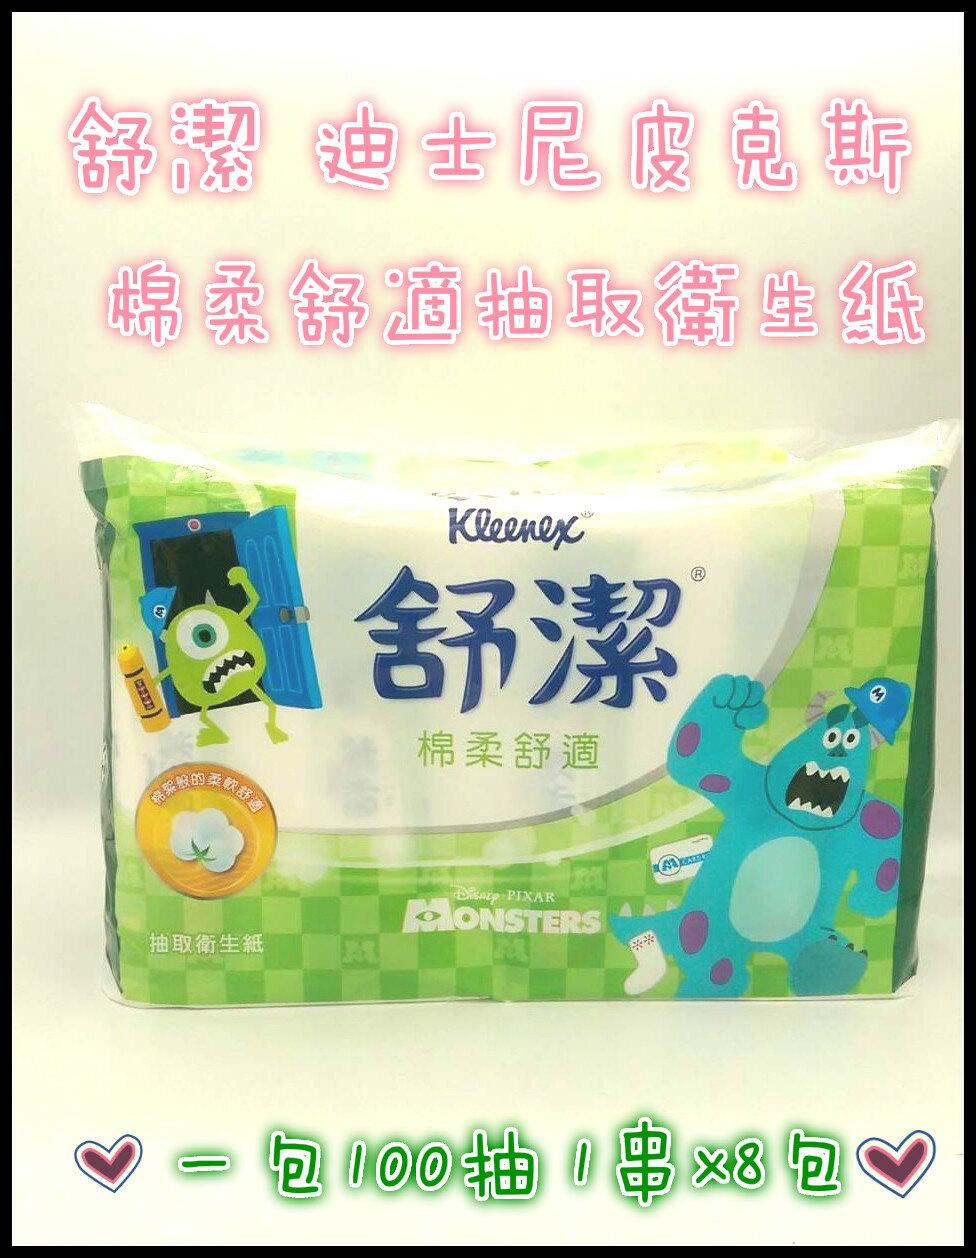 舒潔 迪士尼皮克斯 棉柔舒適抽取衛生紙 整箱限宅配 100抽 一串8包衛生紙 面紙 抽取式